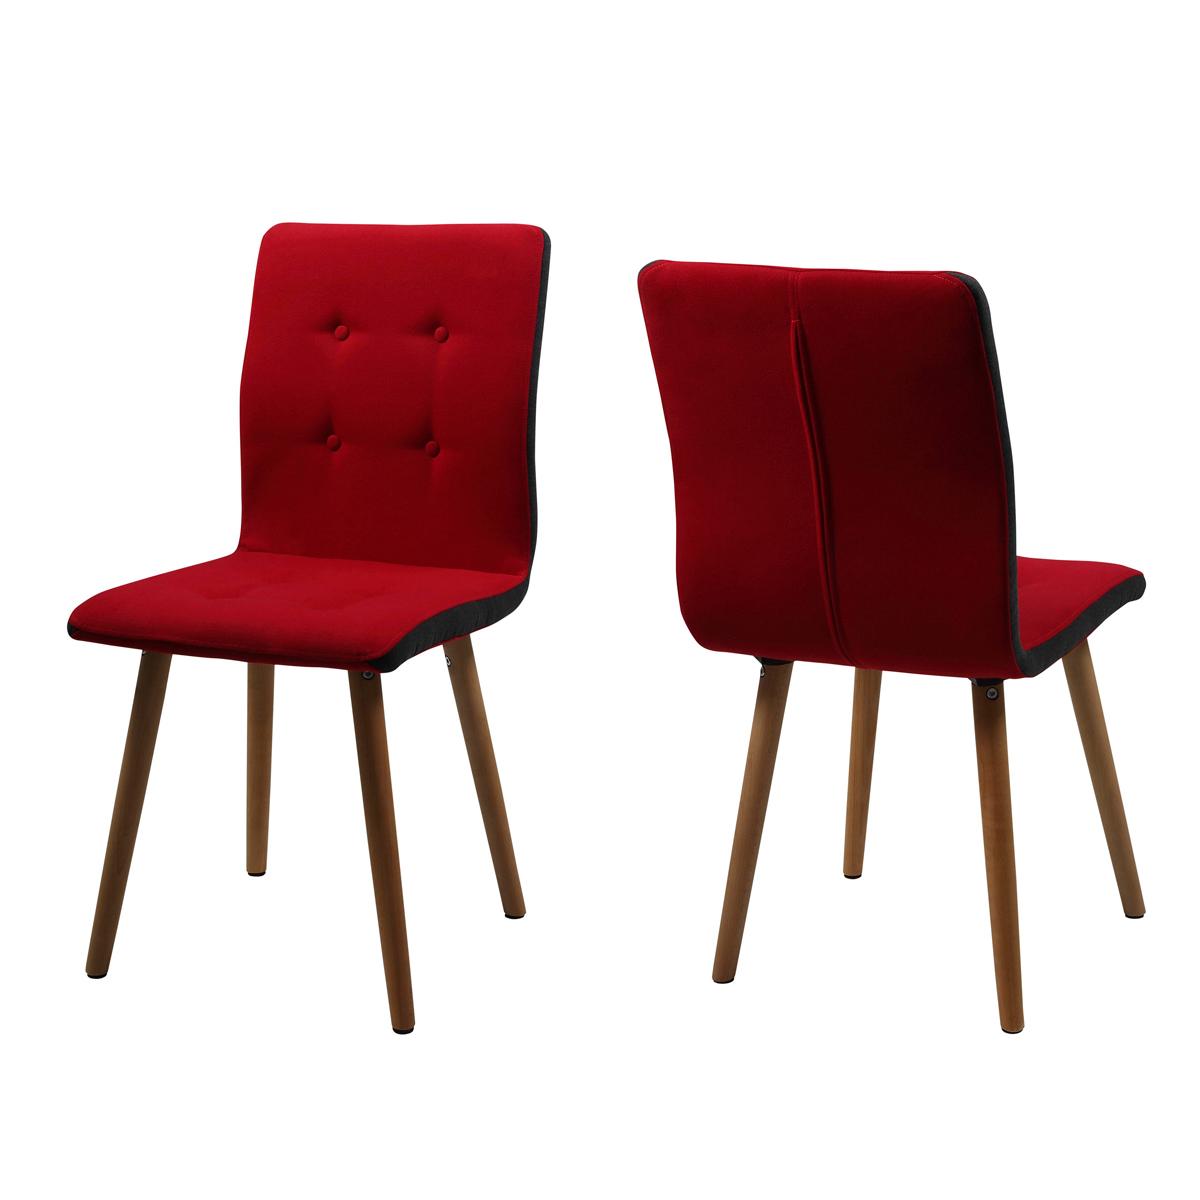 Stuhl frida 2er set retro polsterstuhl in stoff beine eiche massiv ge lt ebay - Stuhl eiche geolt ...